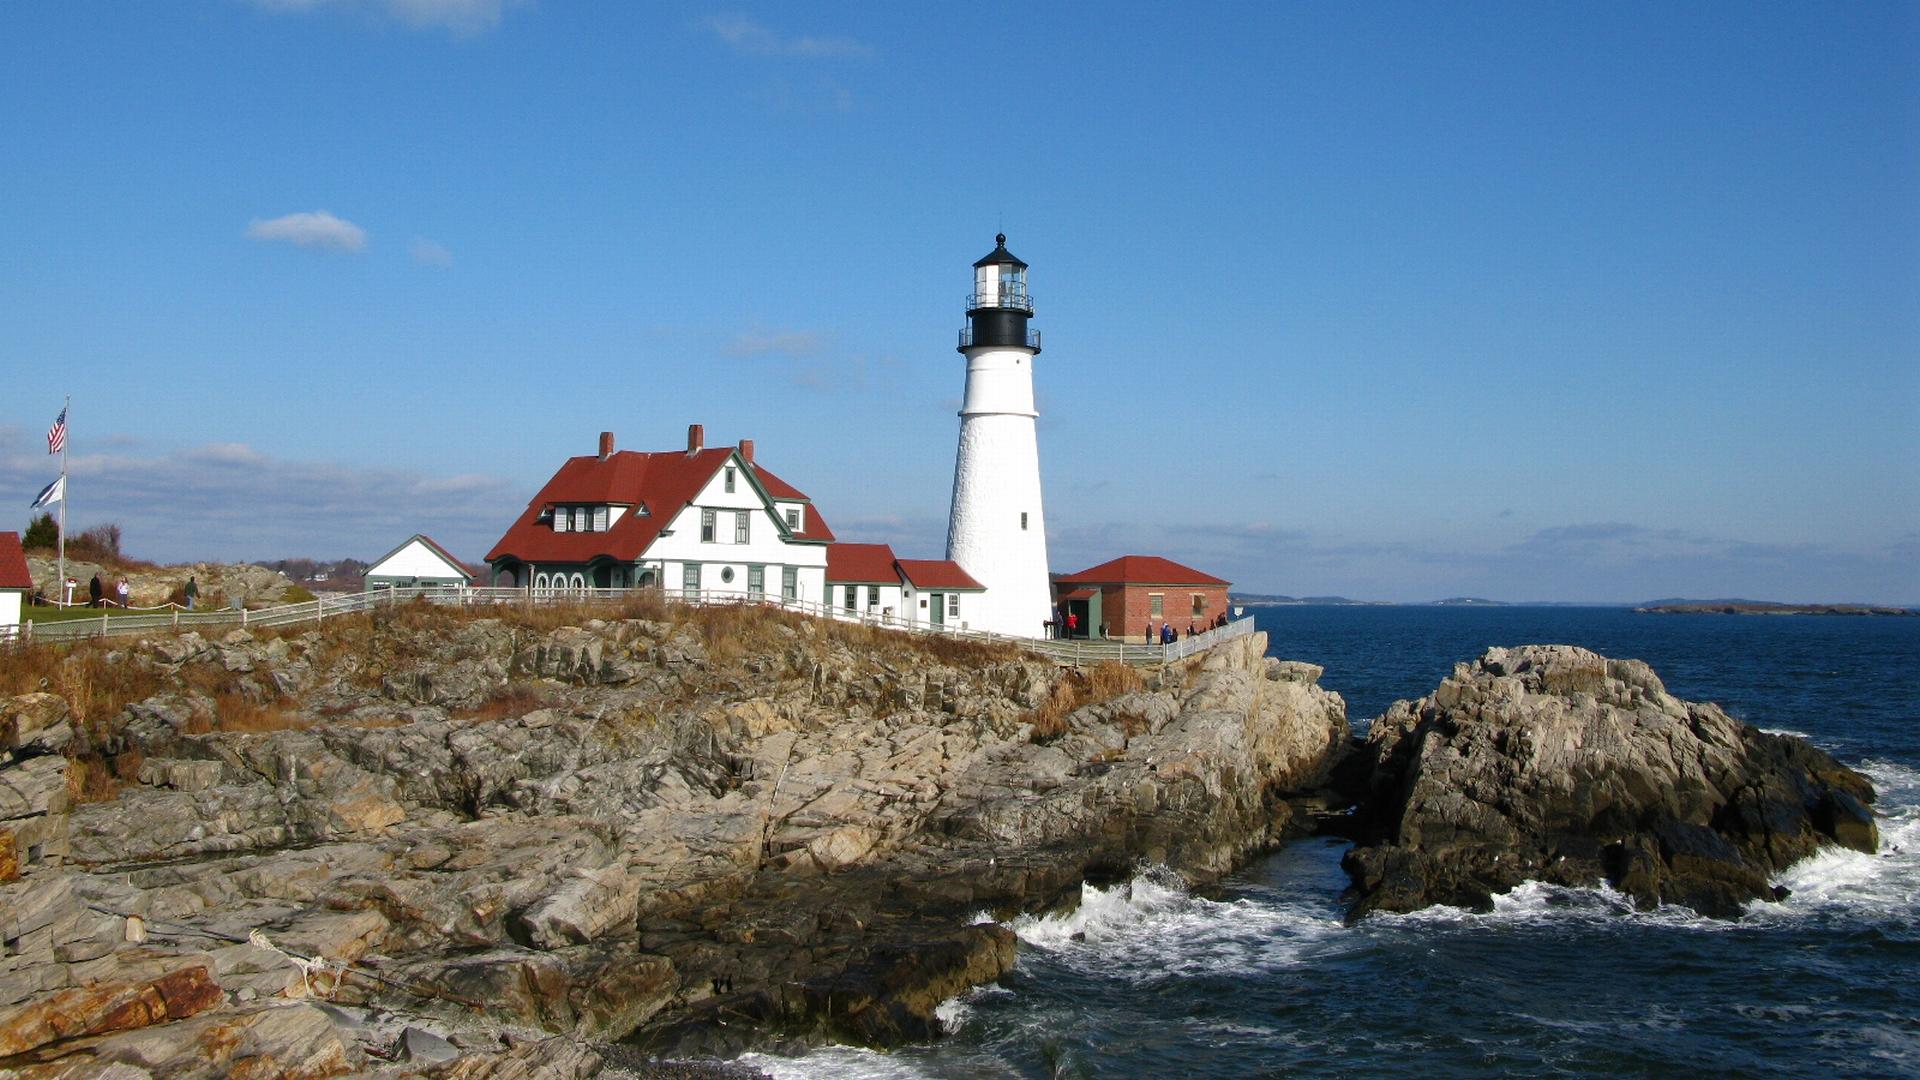 lighthouse wallpaper desktop - photo #49